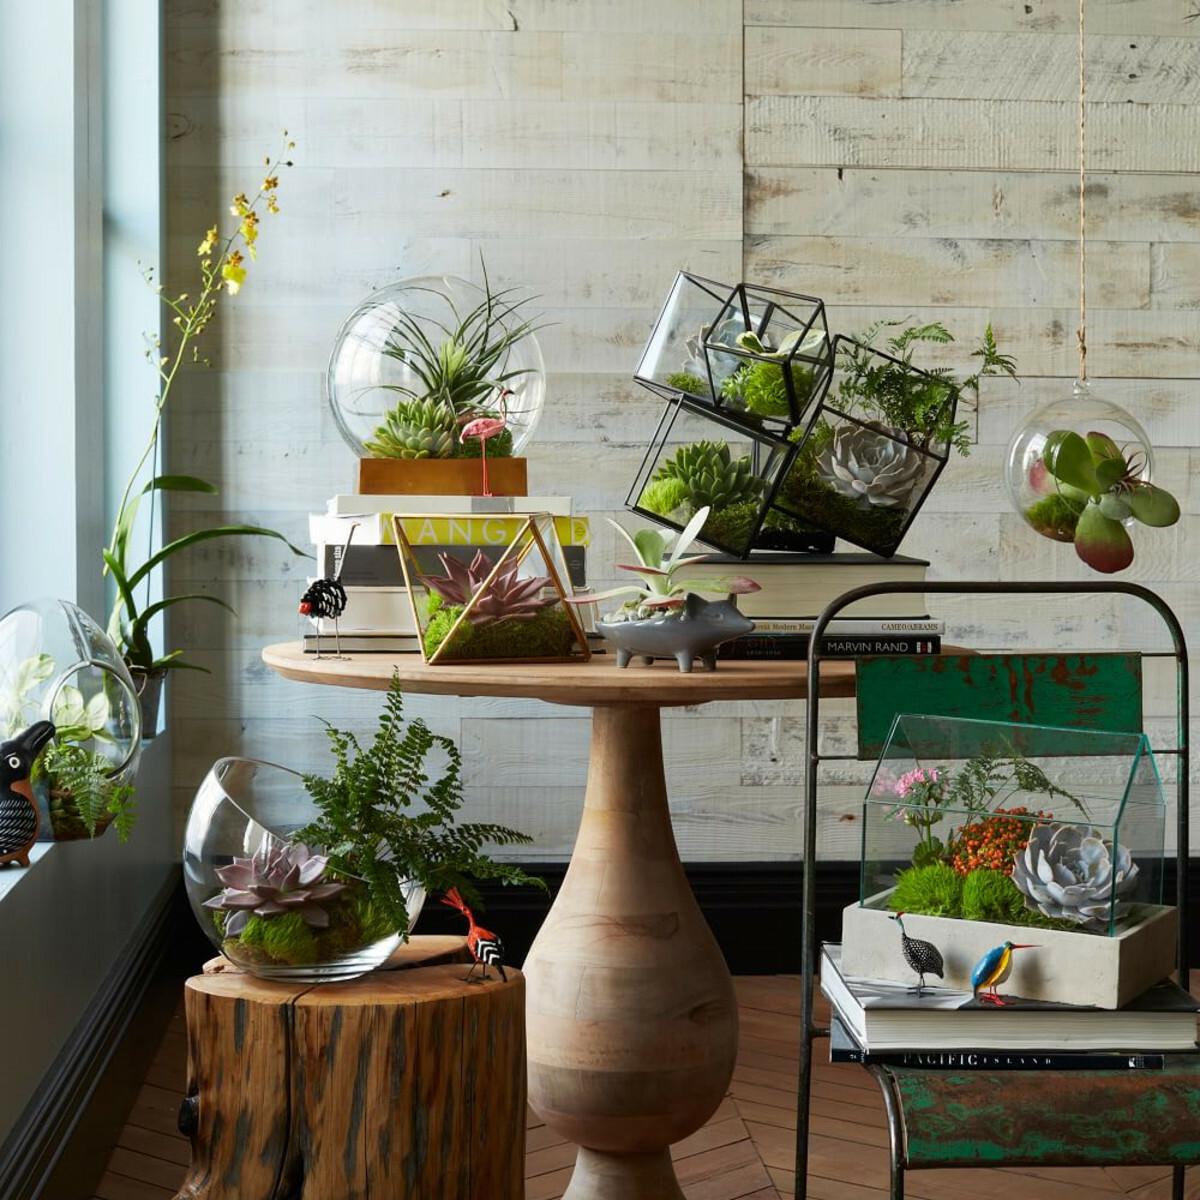 моховой террариум как способ украшения комнаты